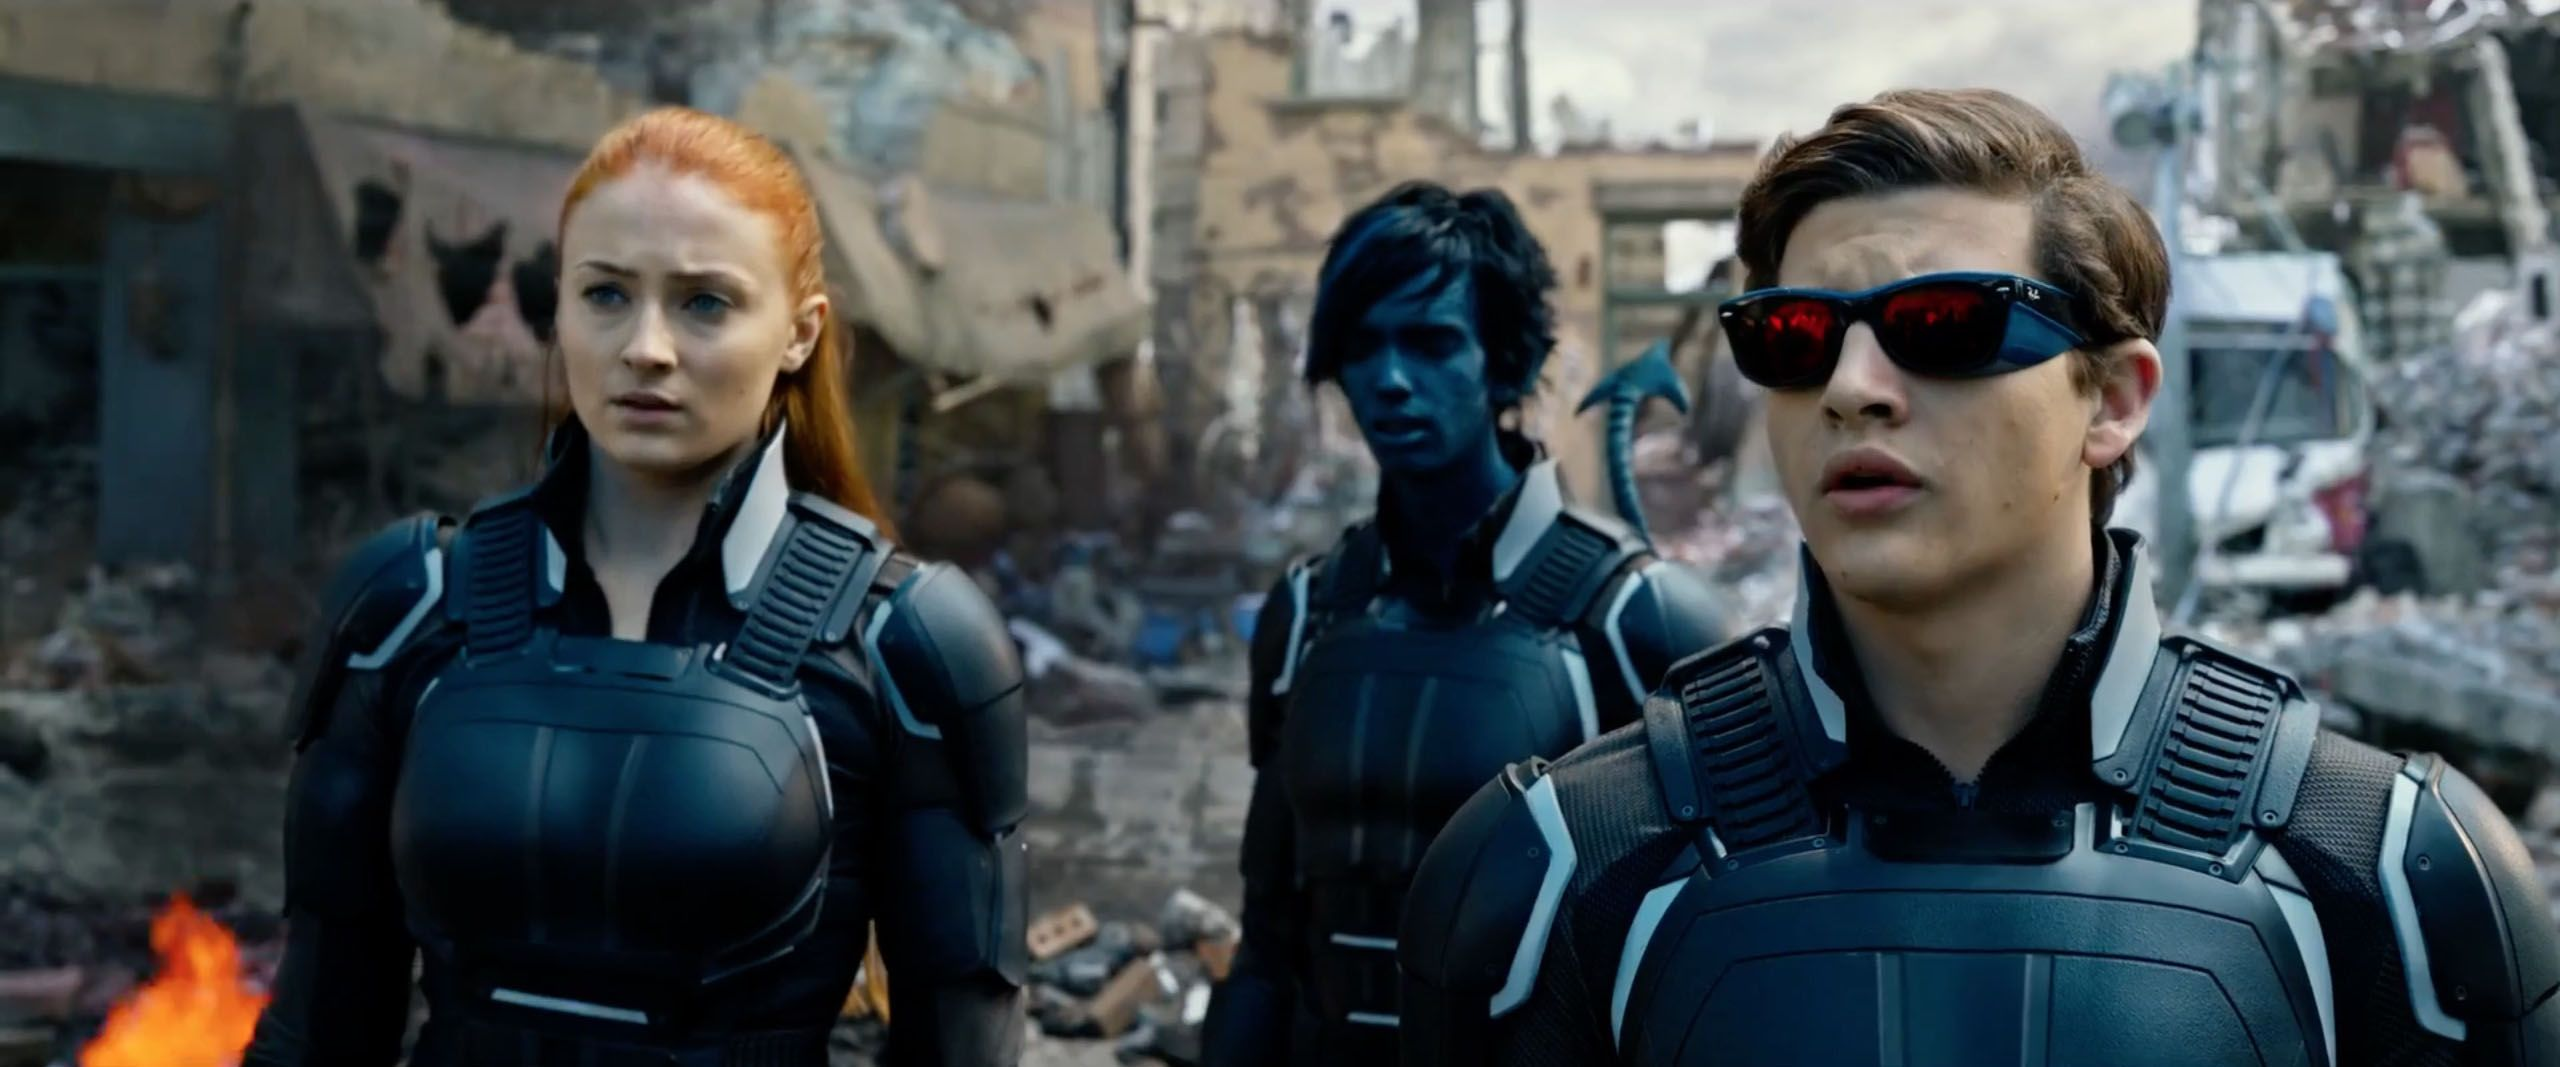 Avengers 4 Infinity Stones Could Awaken X Men In The Mcu X Men Apocalypse X Men Apocalypse